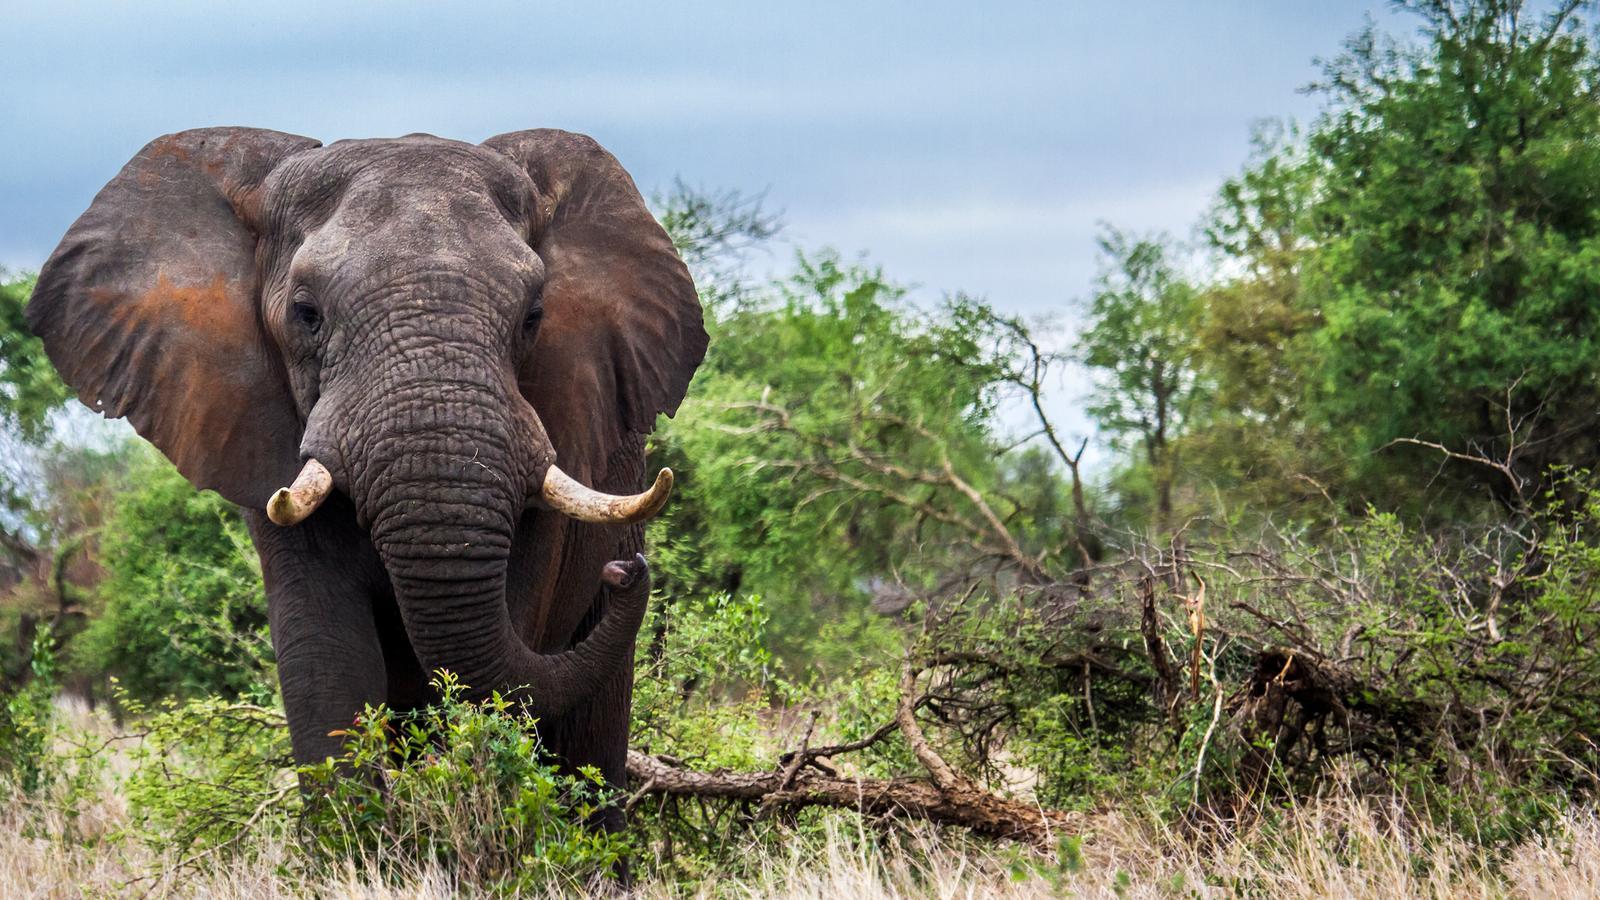 traveljunkies Elefant im Krüger Nationalpark Gruppenreise Südafrika Namibia National Geographic Abenteuerreise